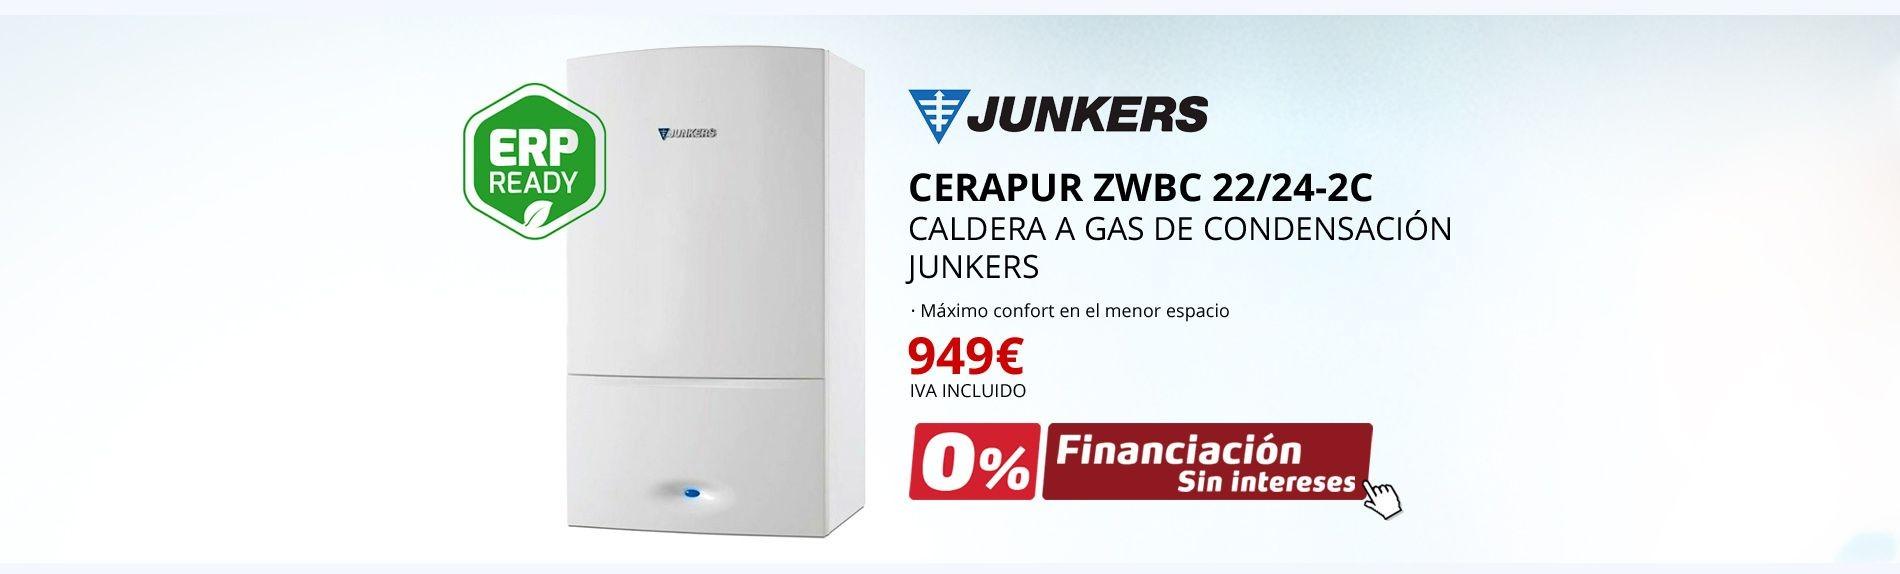 Cerapur ZWBC 22/24-2C - Caldera a gas de condensación Junkers